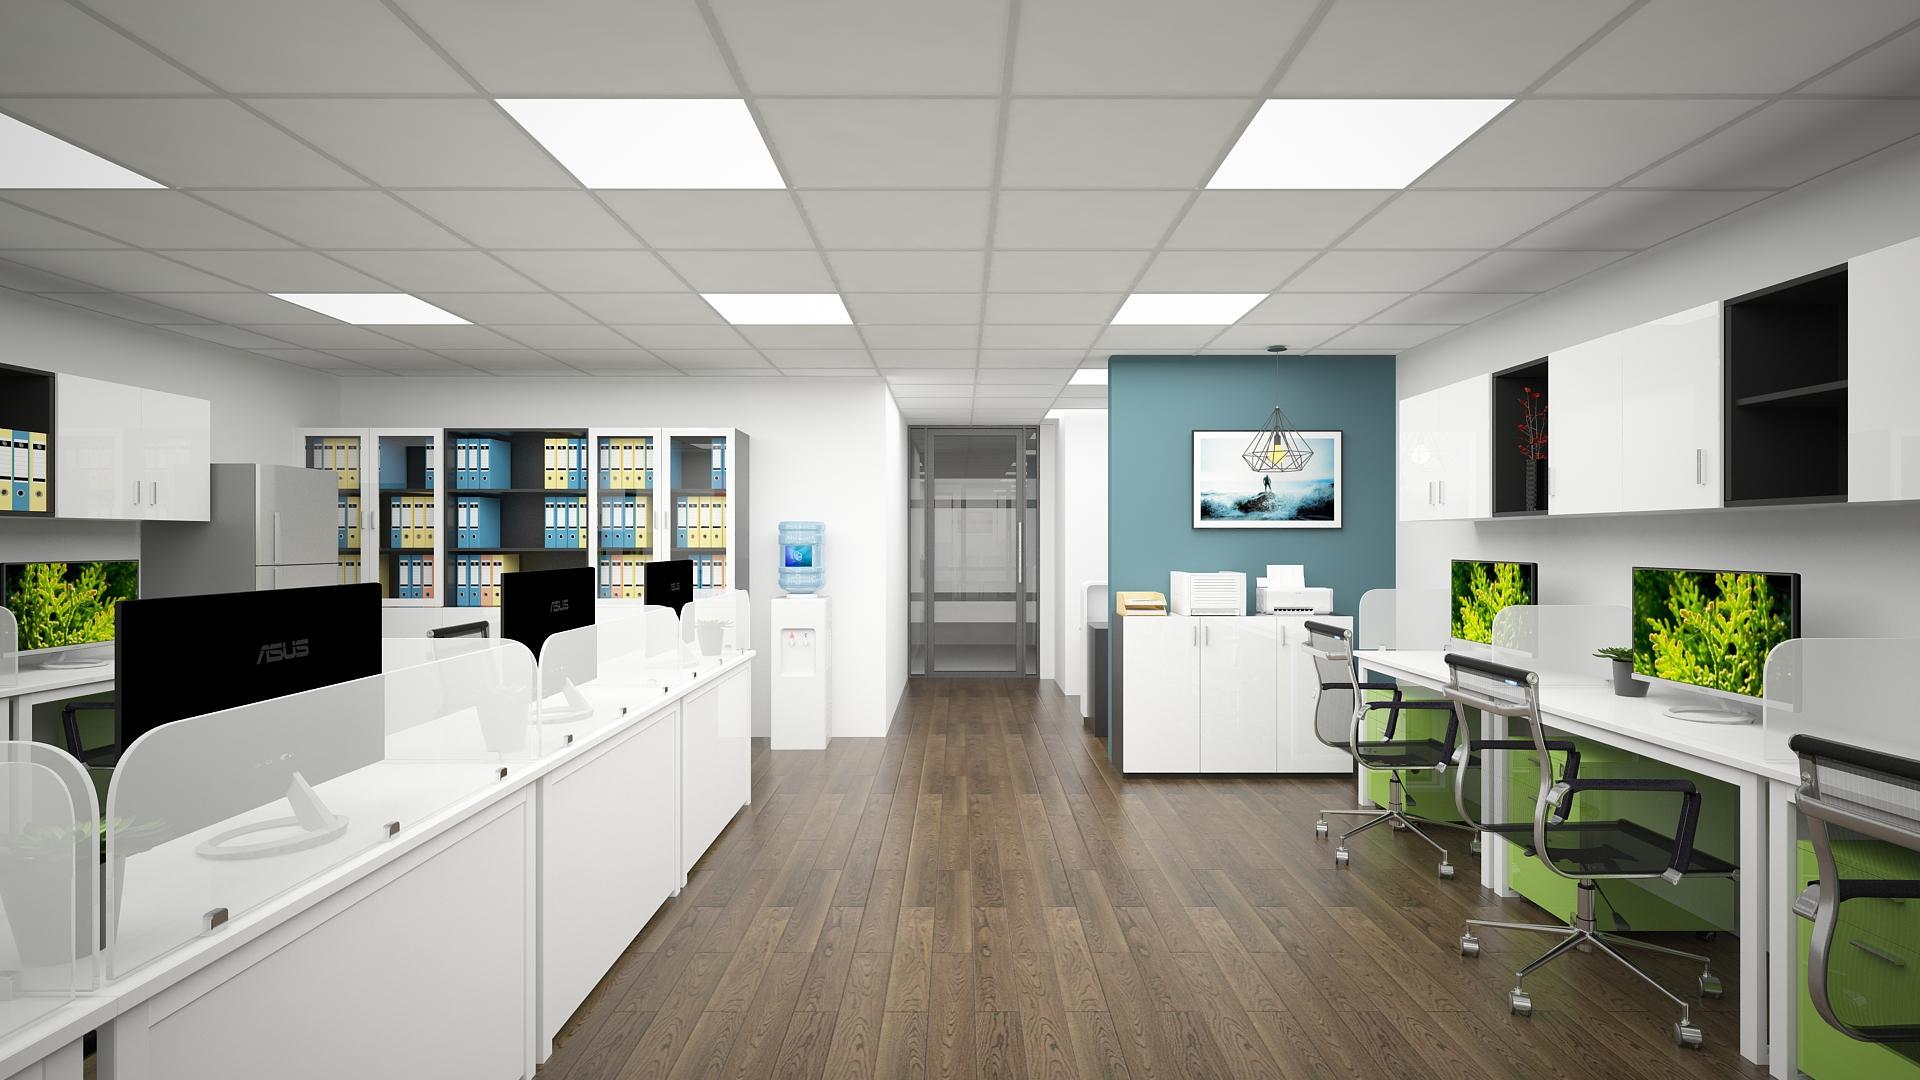 Cách sắp xếp, bố trí nội thất văn phòng gọn gàng với diện tích lớn